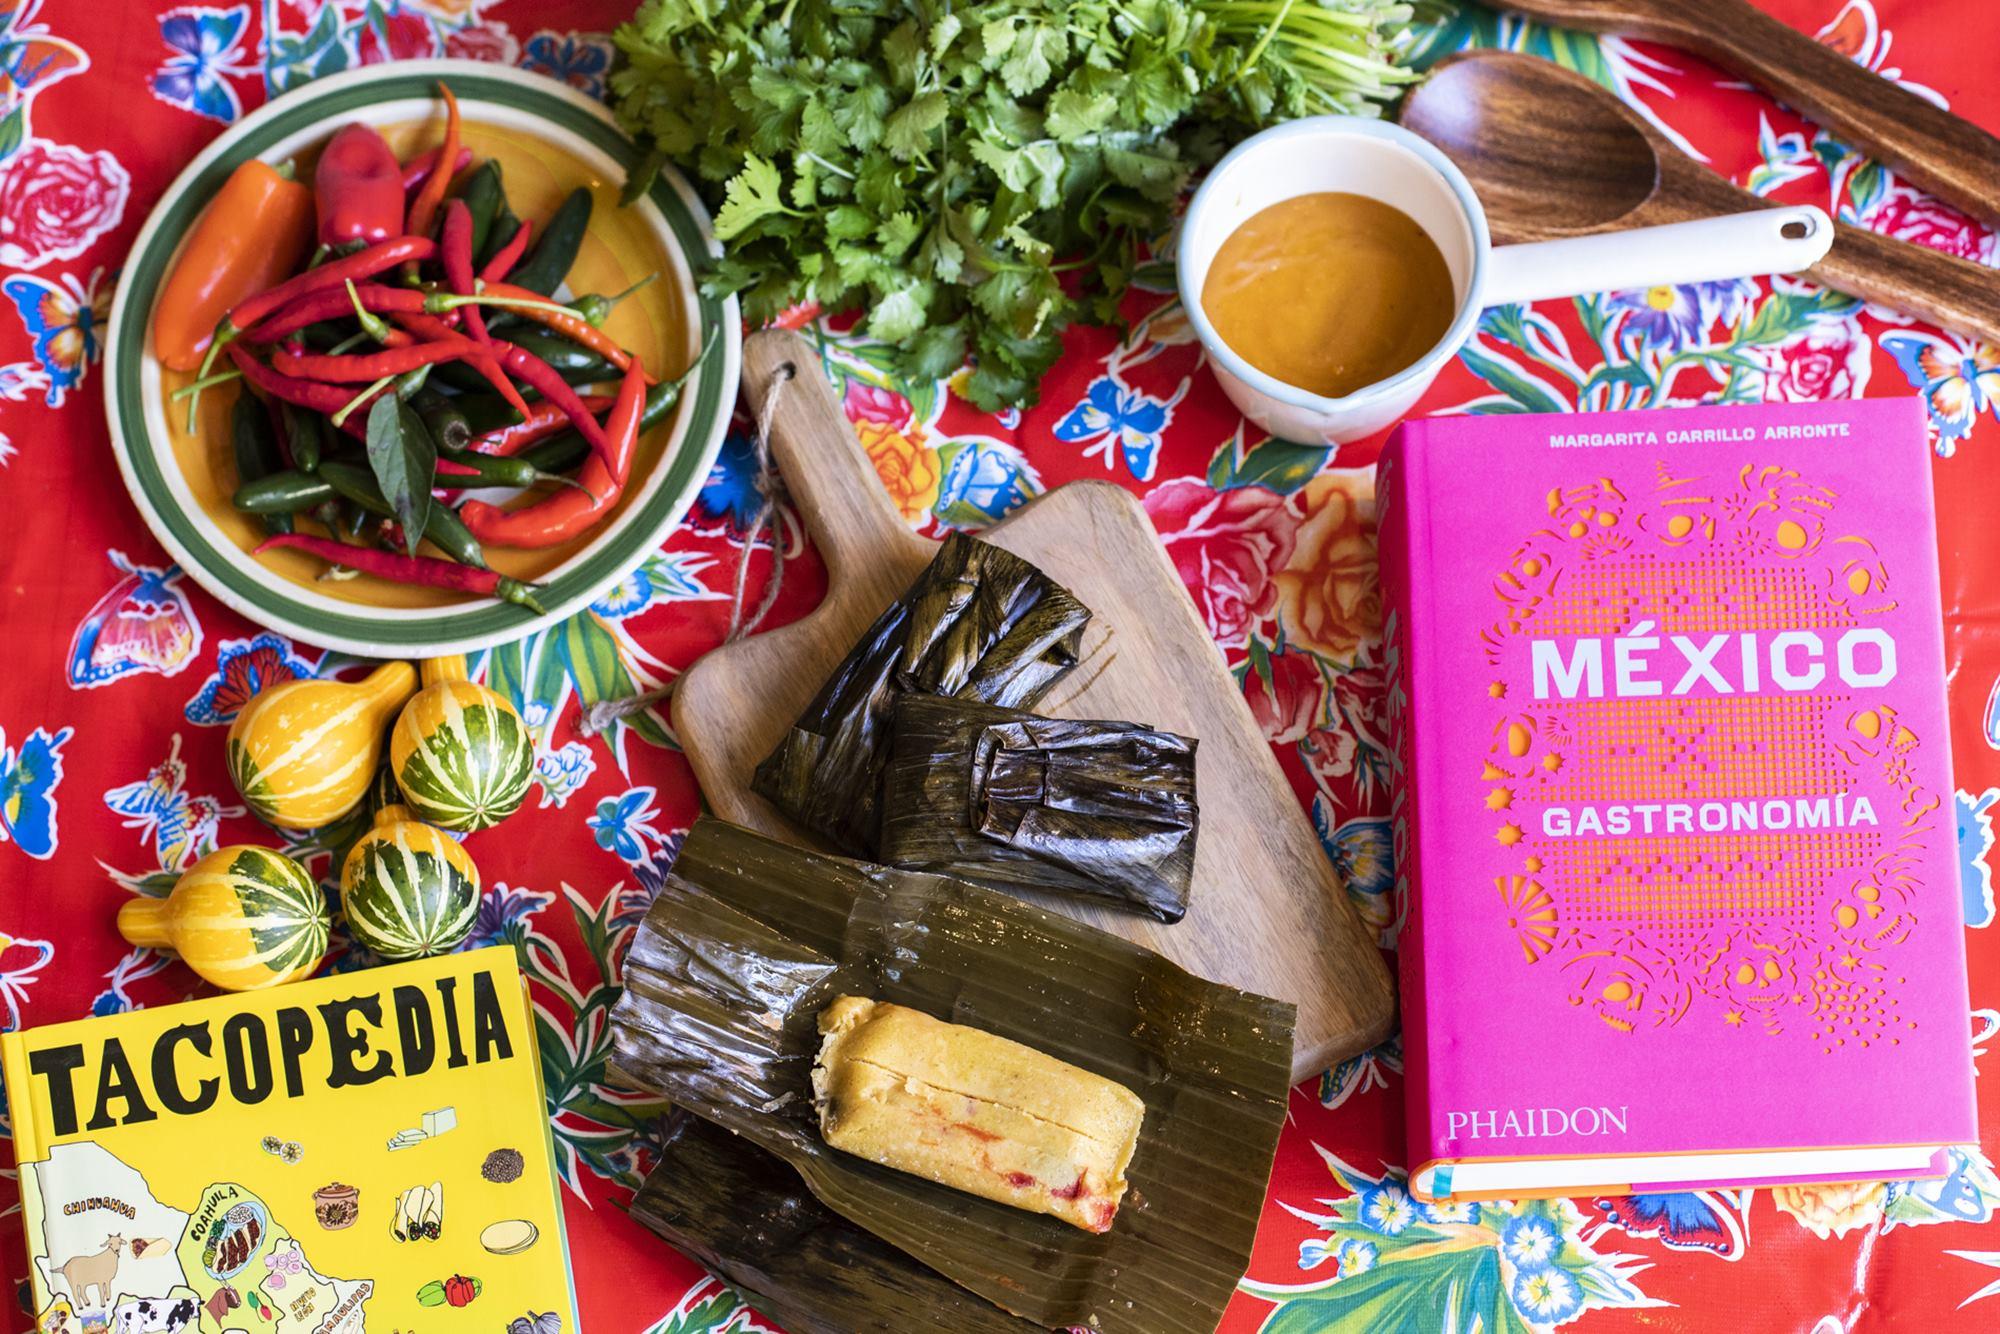 Tanto 'Tacopedia', de Deborah Holtz y Juan Carlos Mena como 'México Gastronomía', de Margarita Carrillo, están editados por Phaidon.